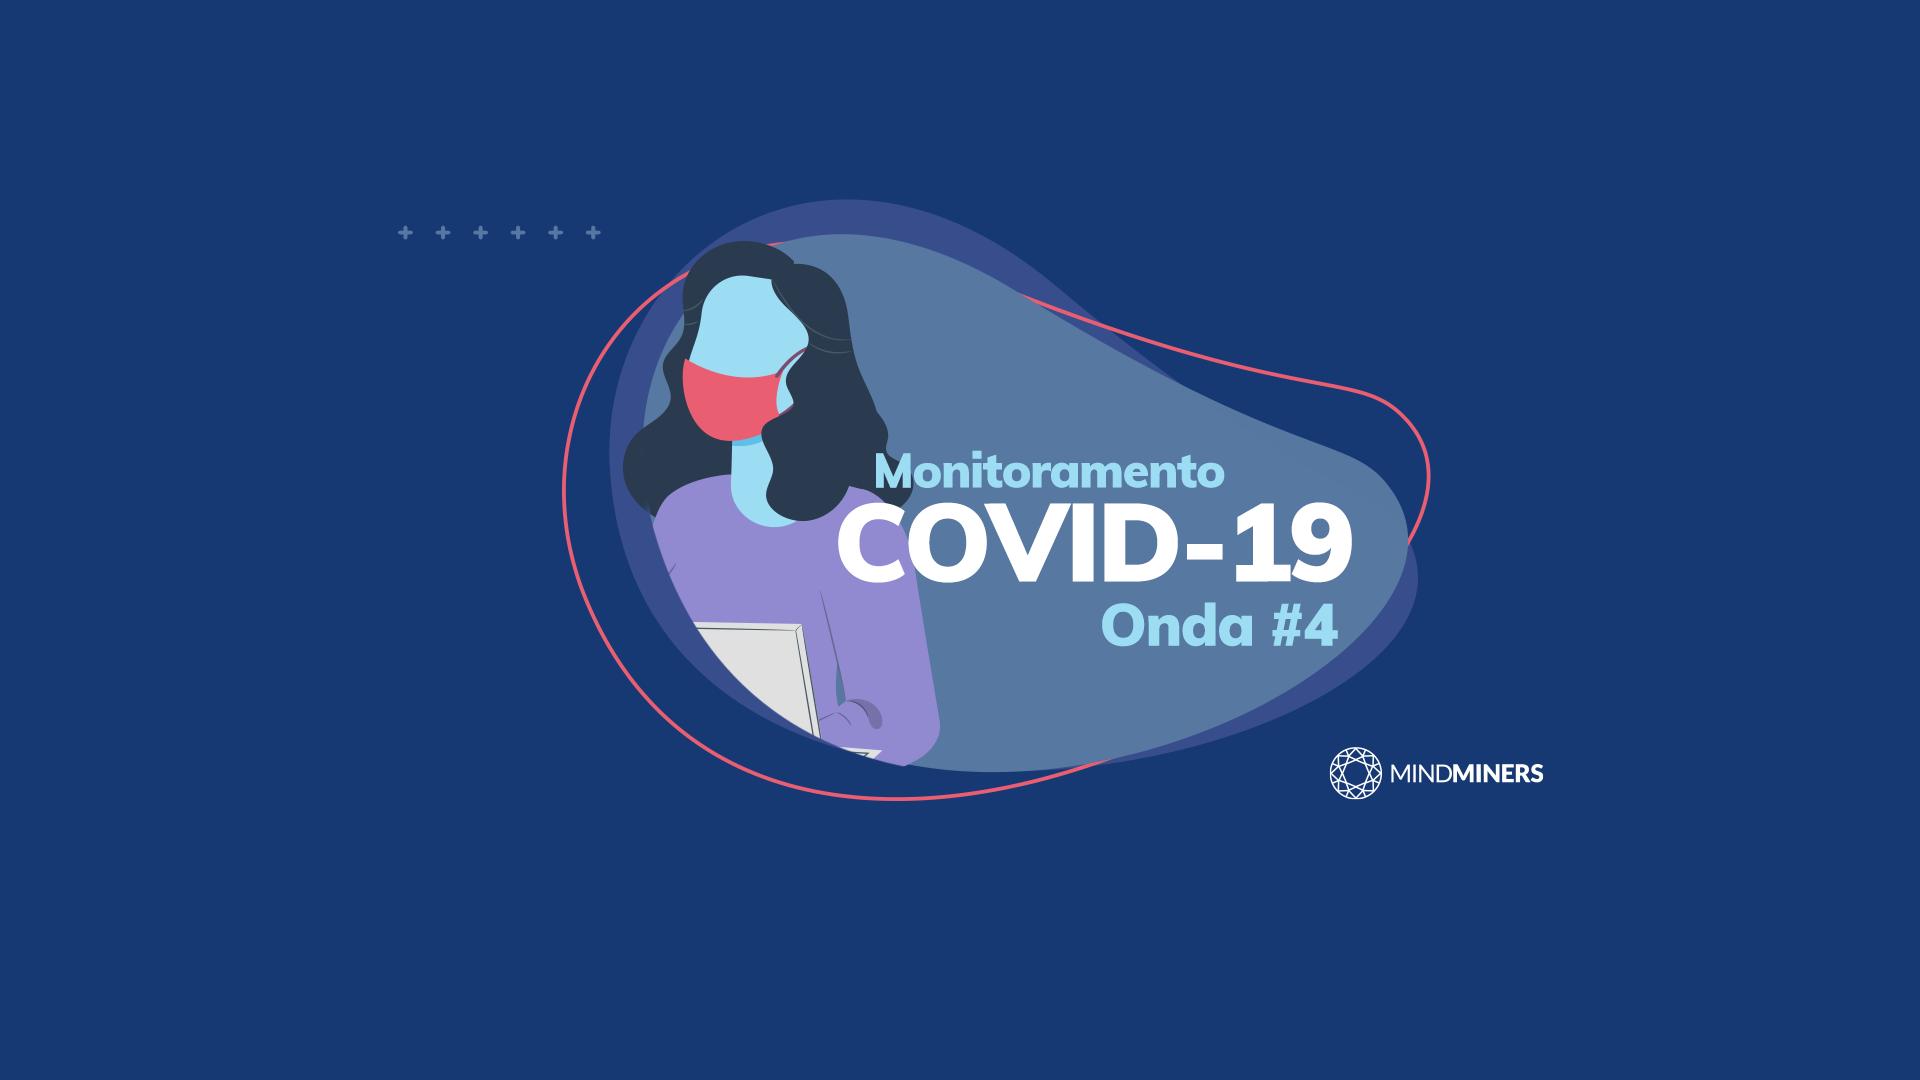 Monitoramento COVID-19: 4ª onda